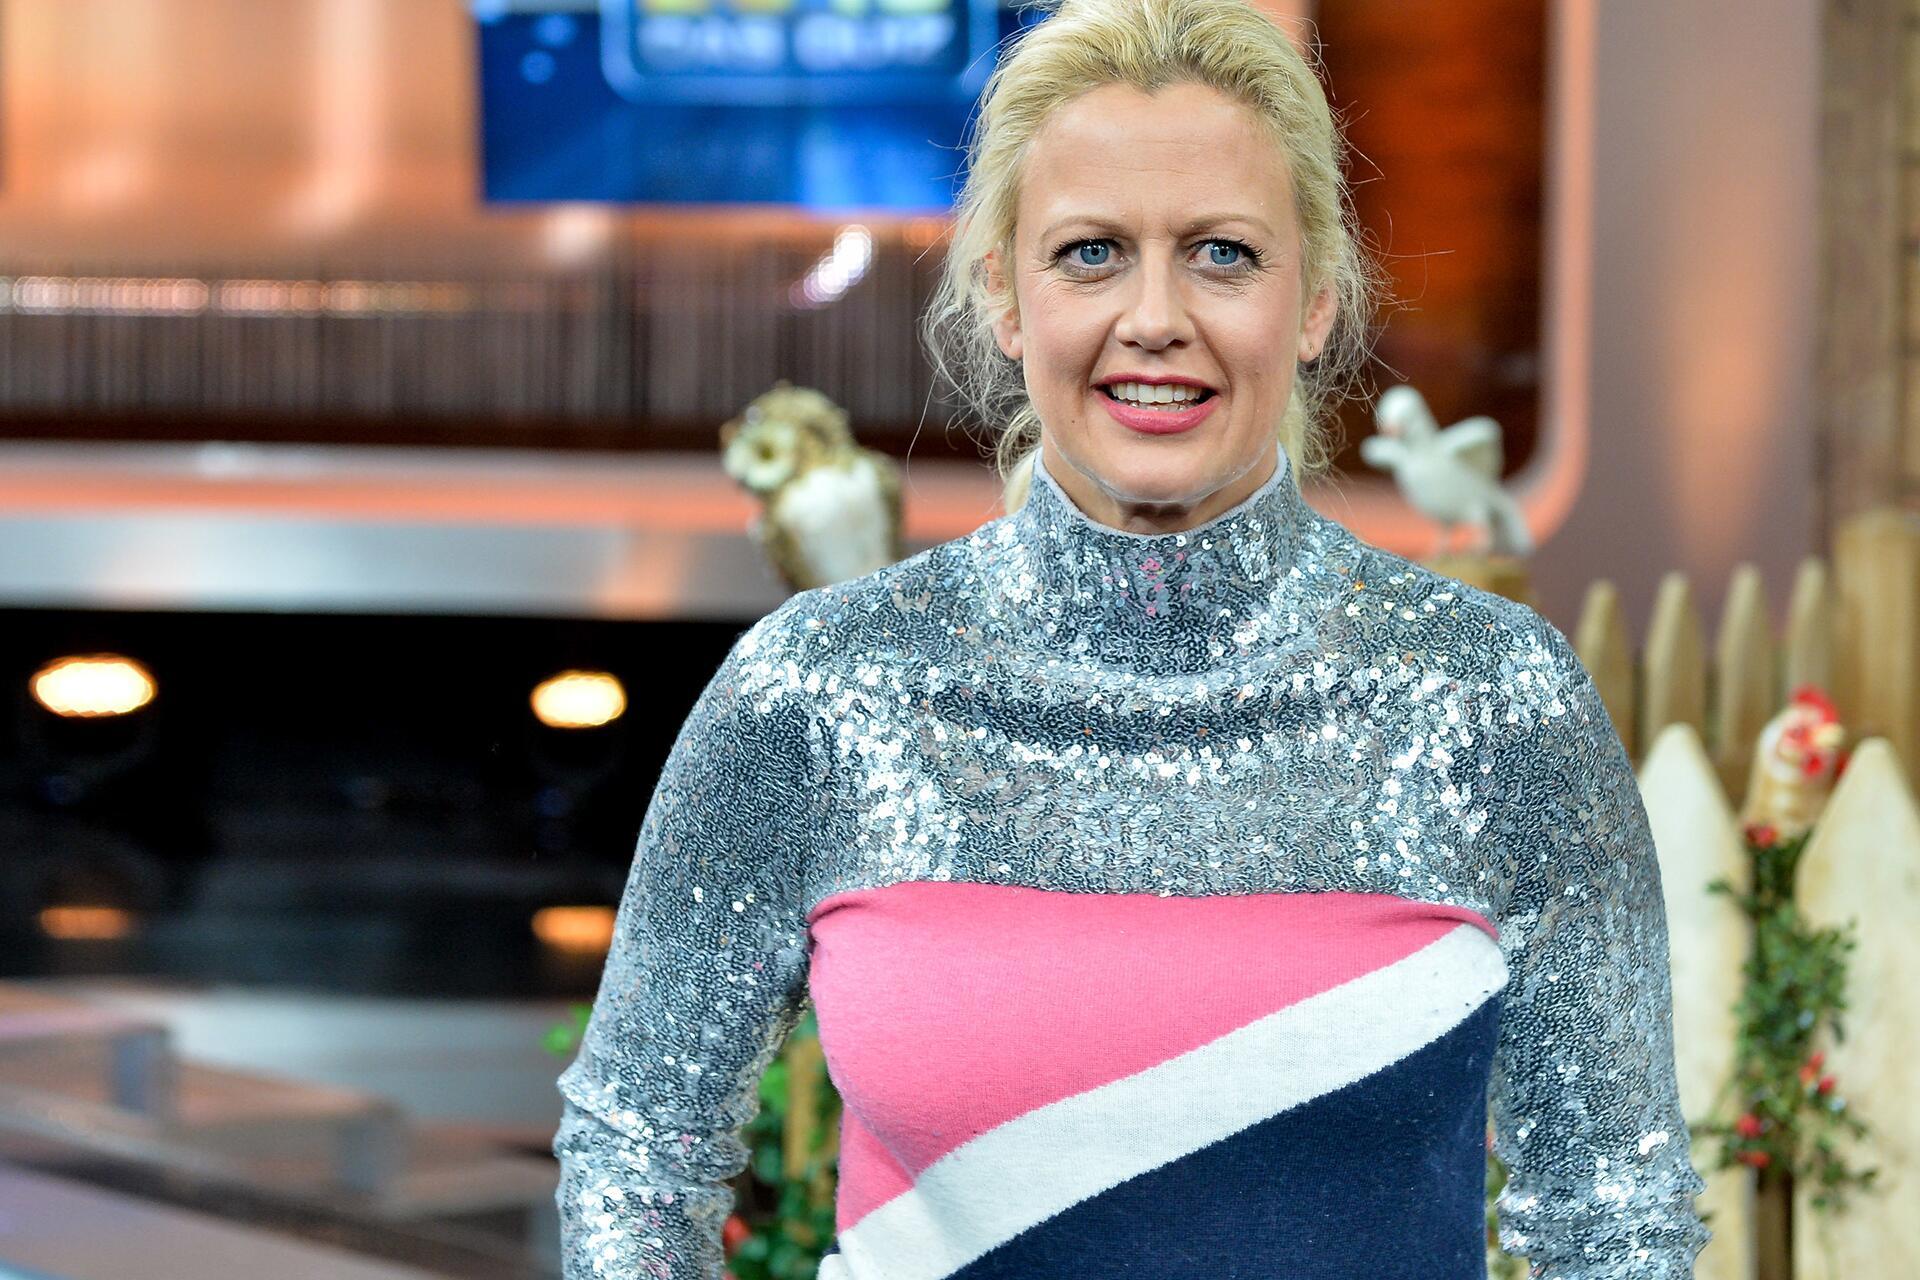 Bild zu Barbara Schöneberger, Outfit, spacig, Quiz